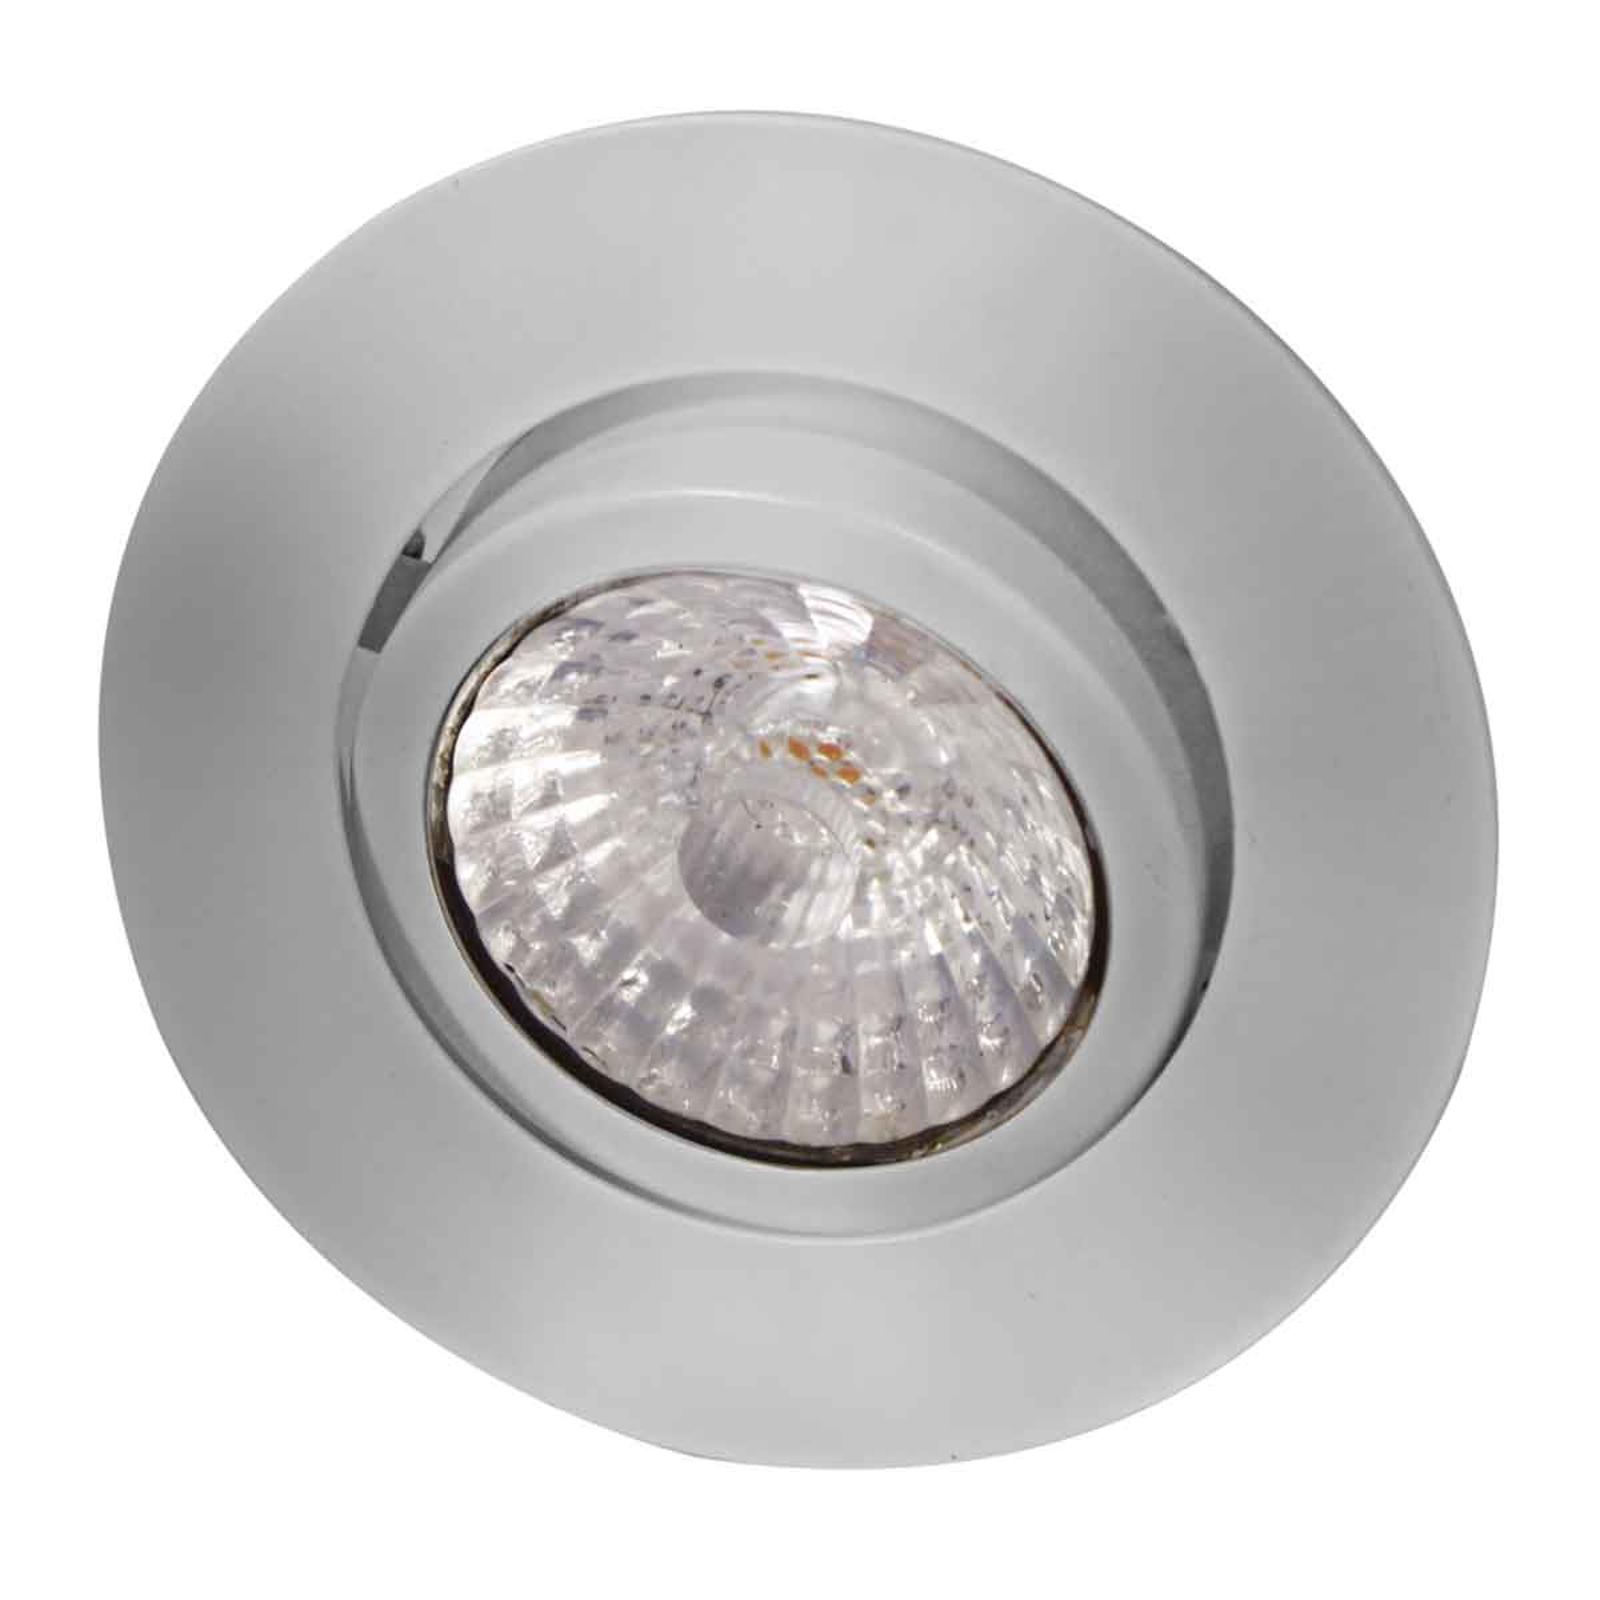 Rico - LED spot til indbygning i loftet 9 W, stål